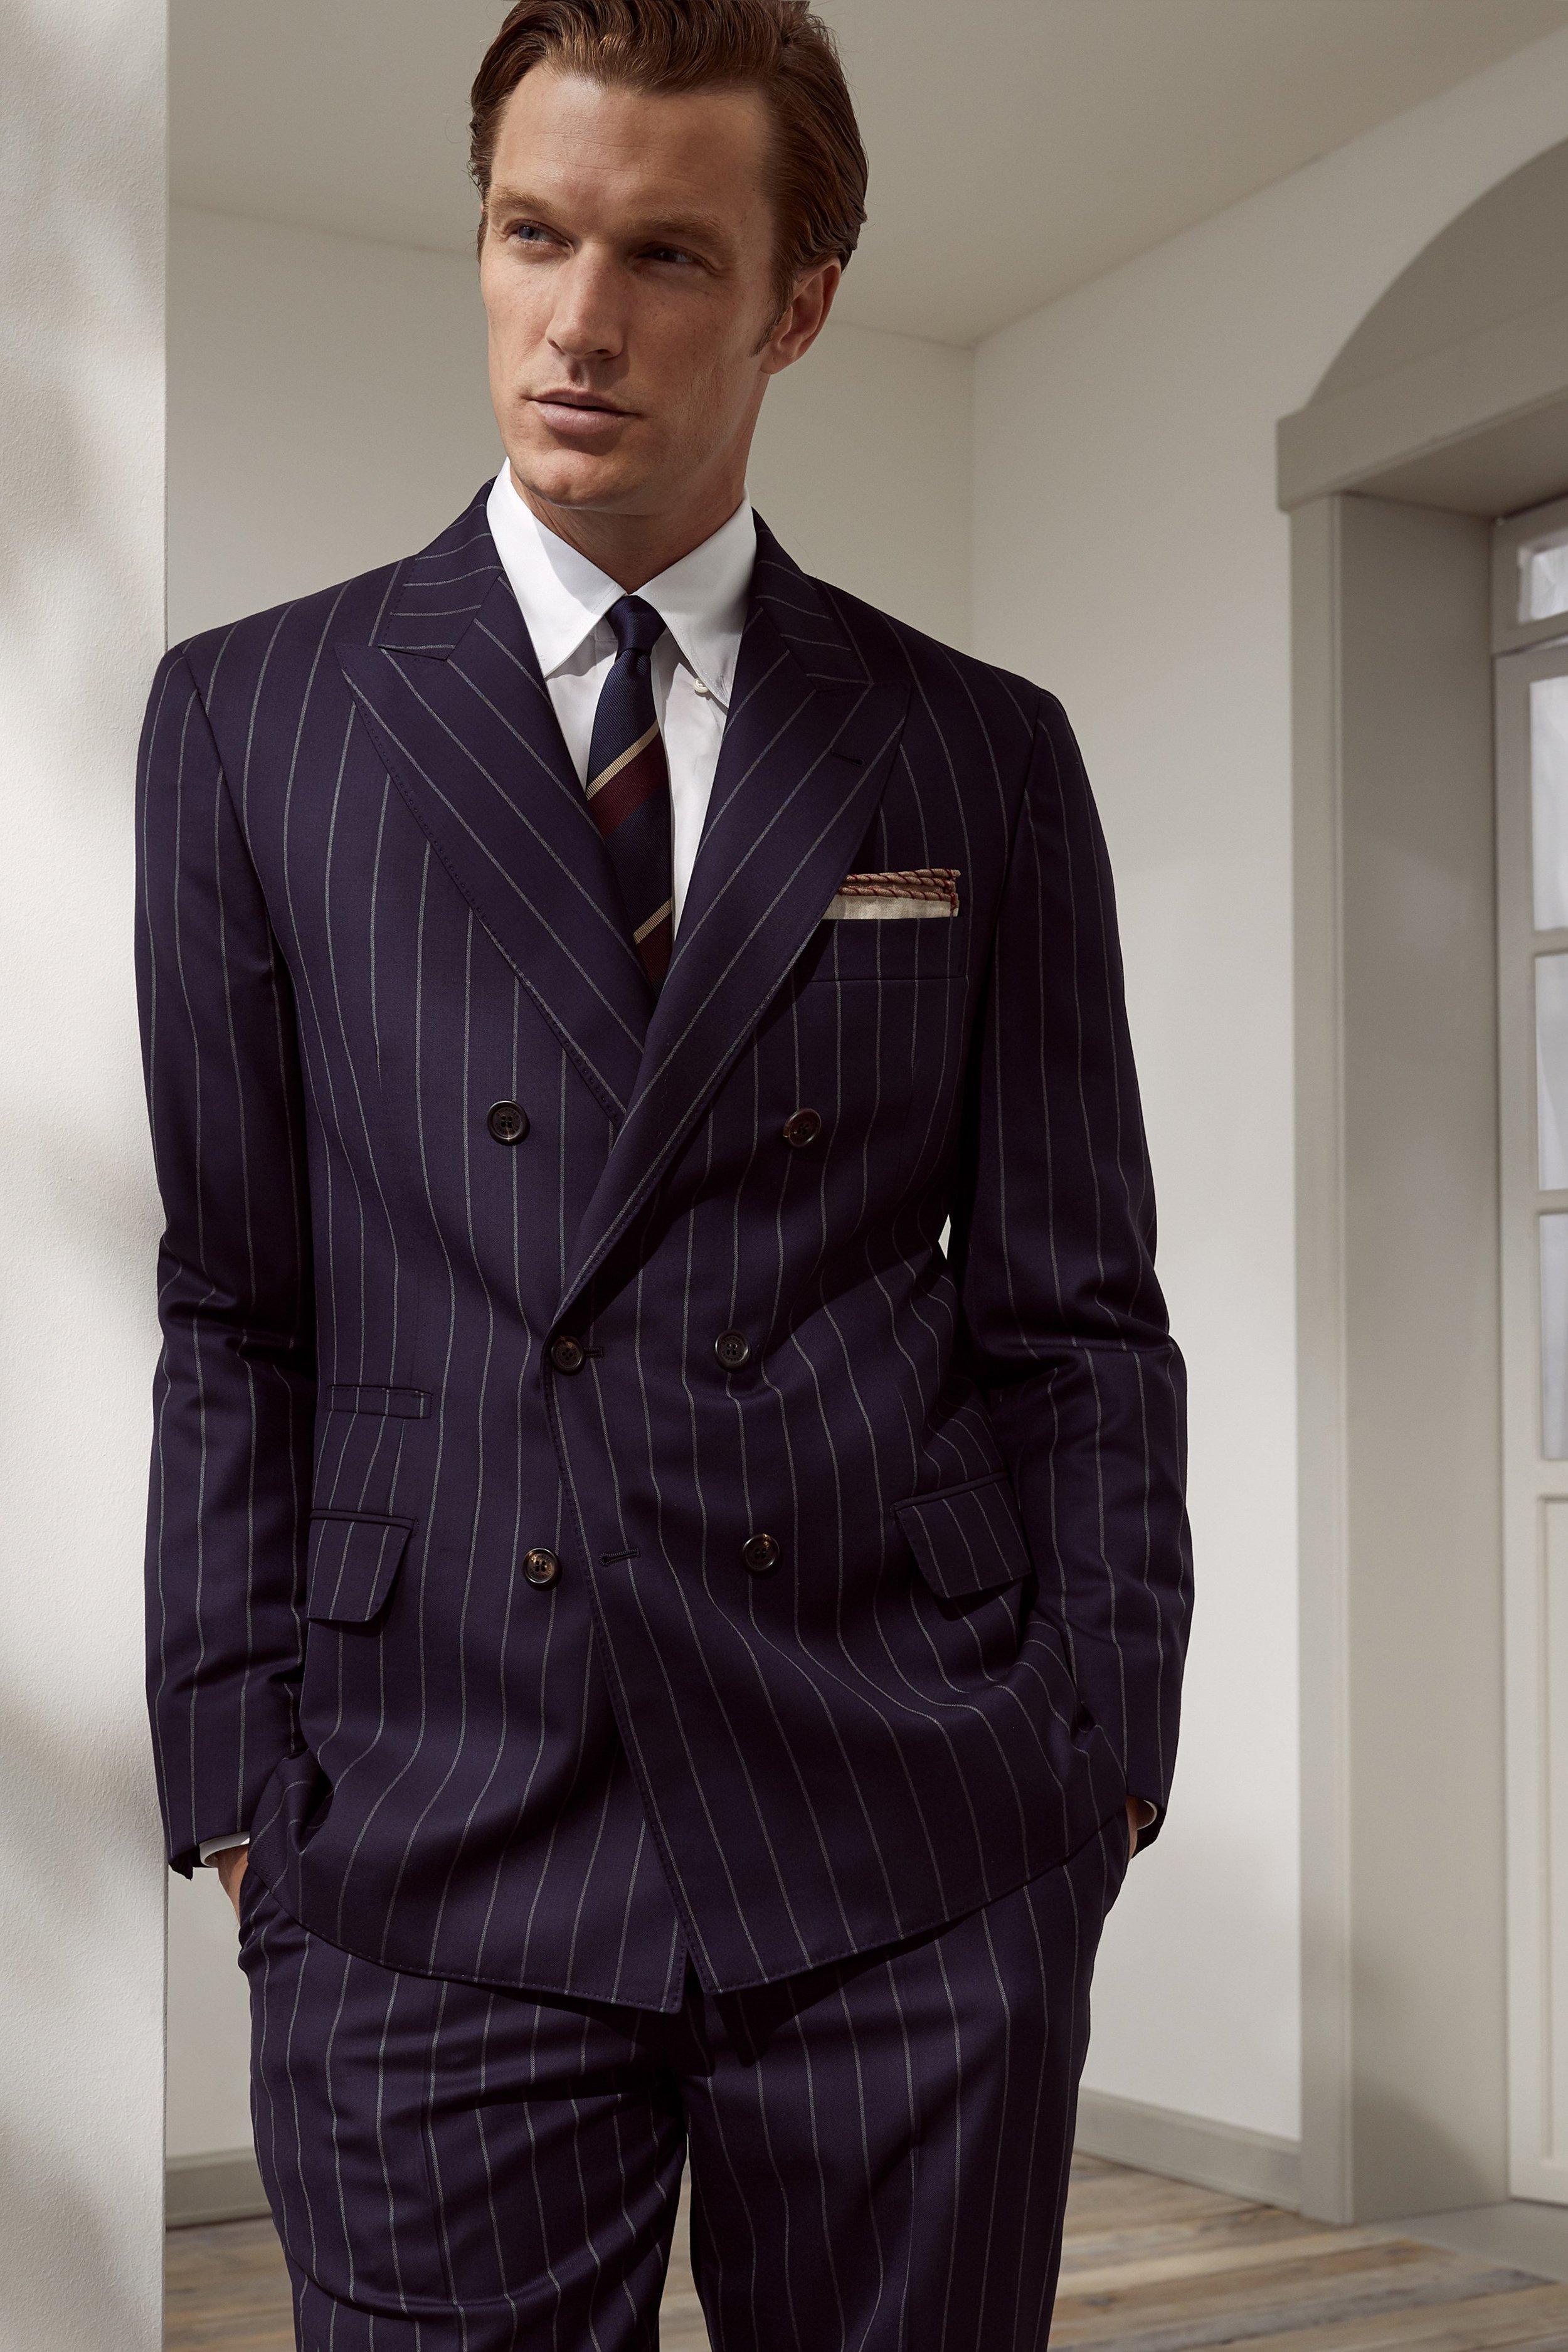 00027-brunello-cucinelli-Vogue-Menswear-SS19-pr.jpg